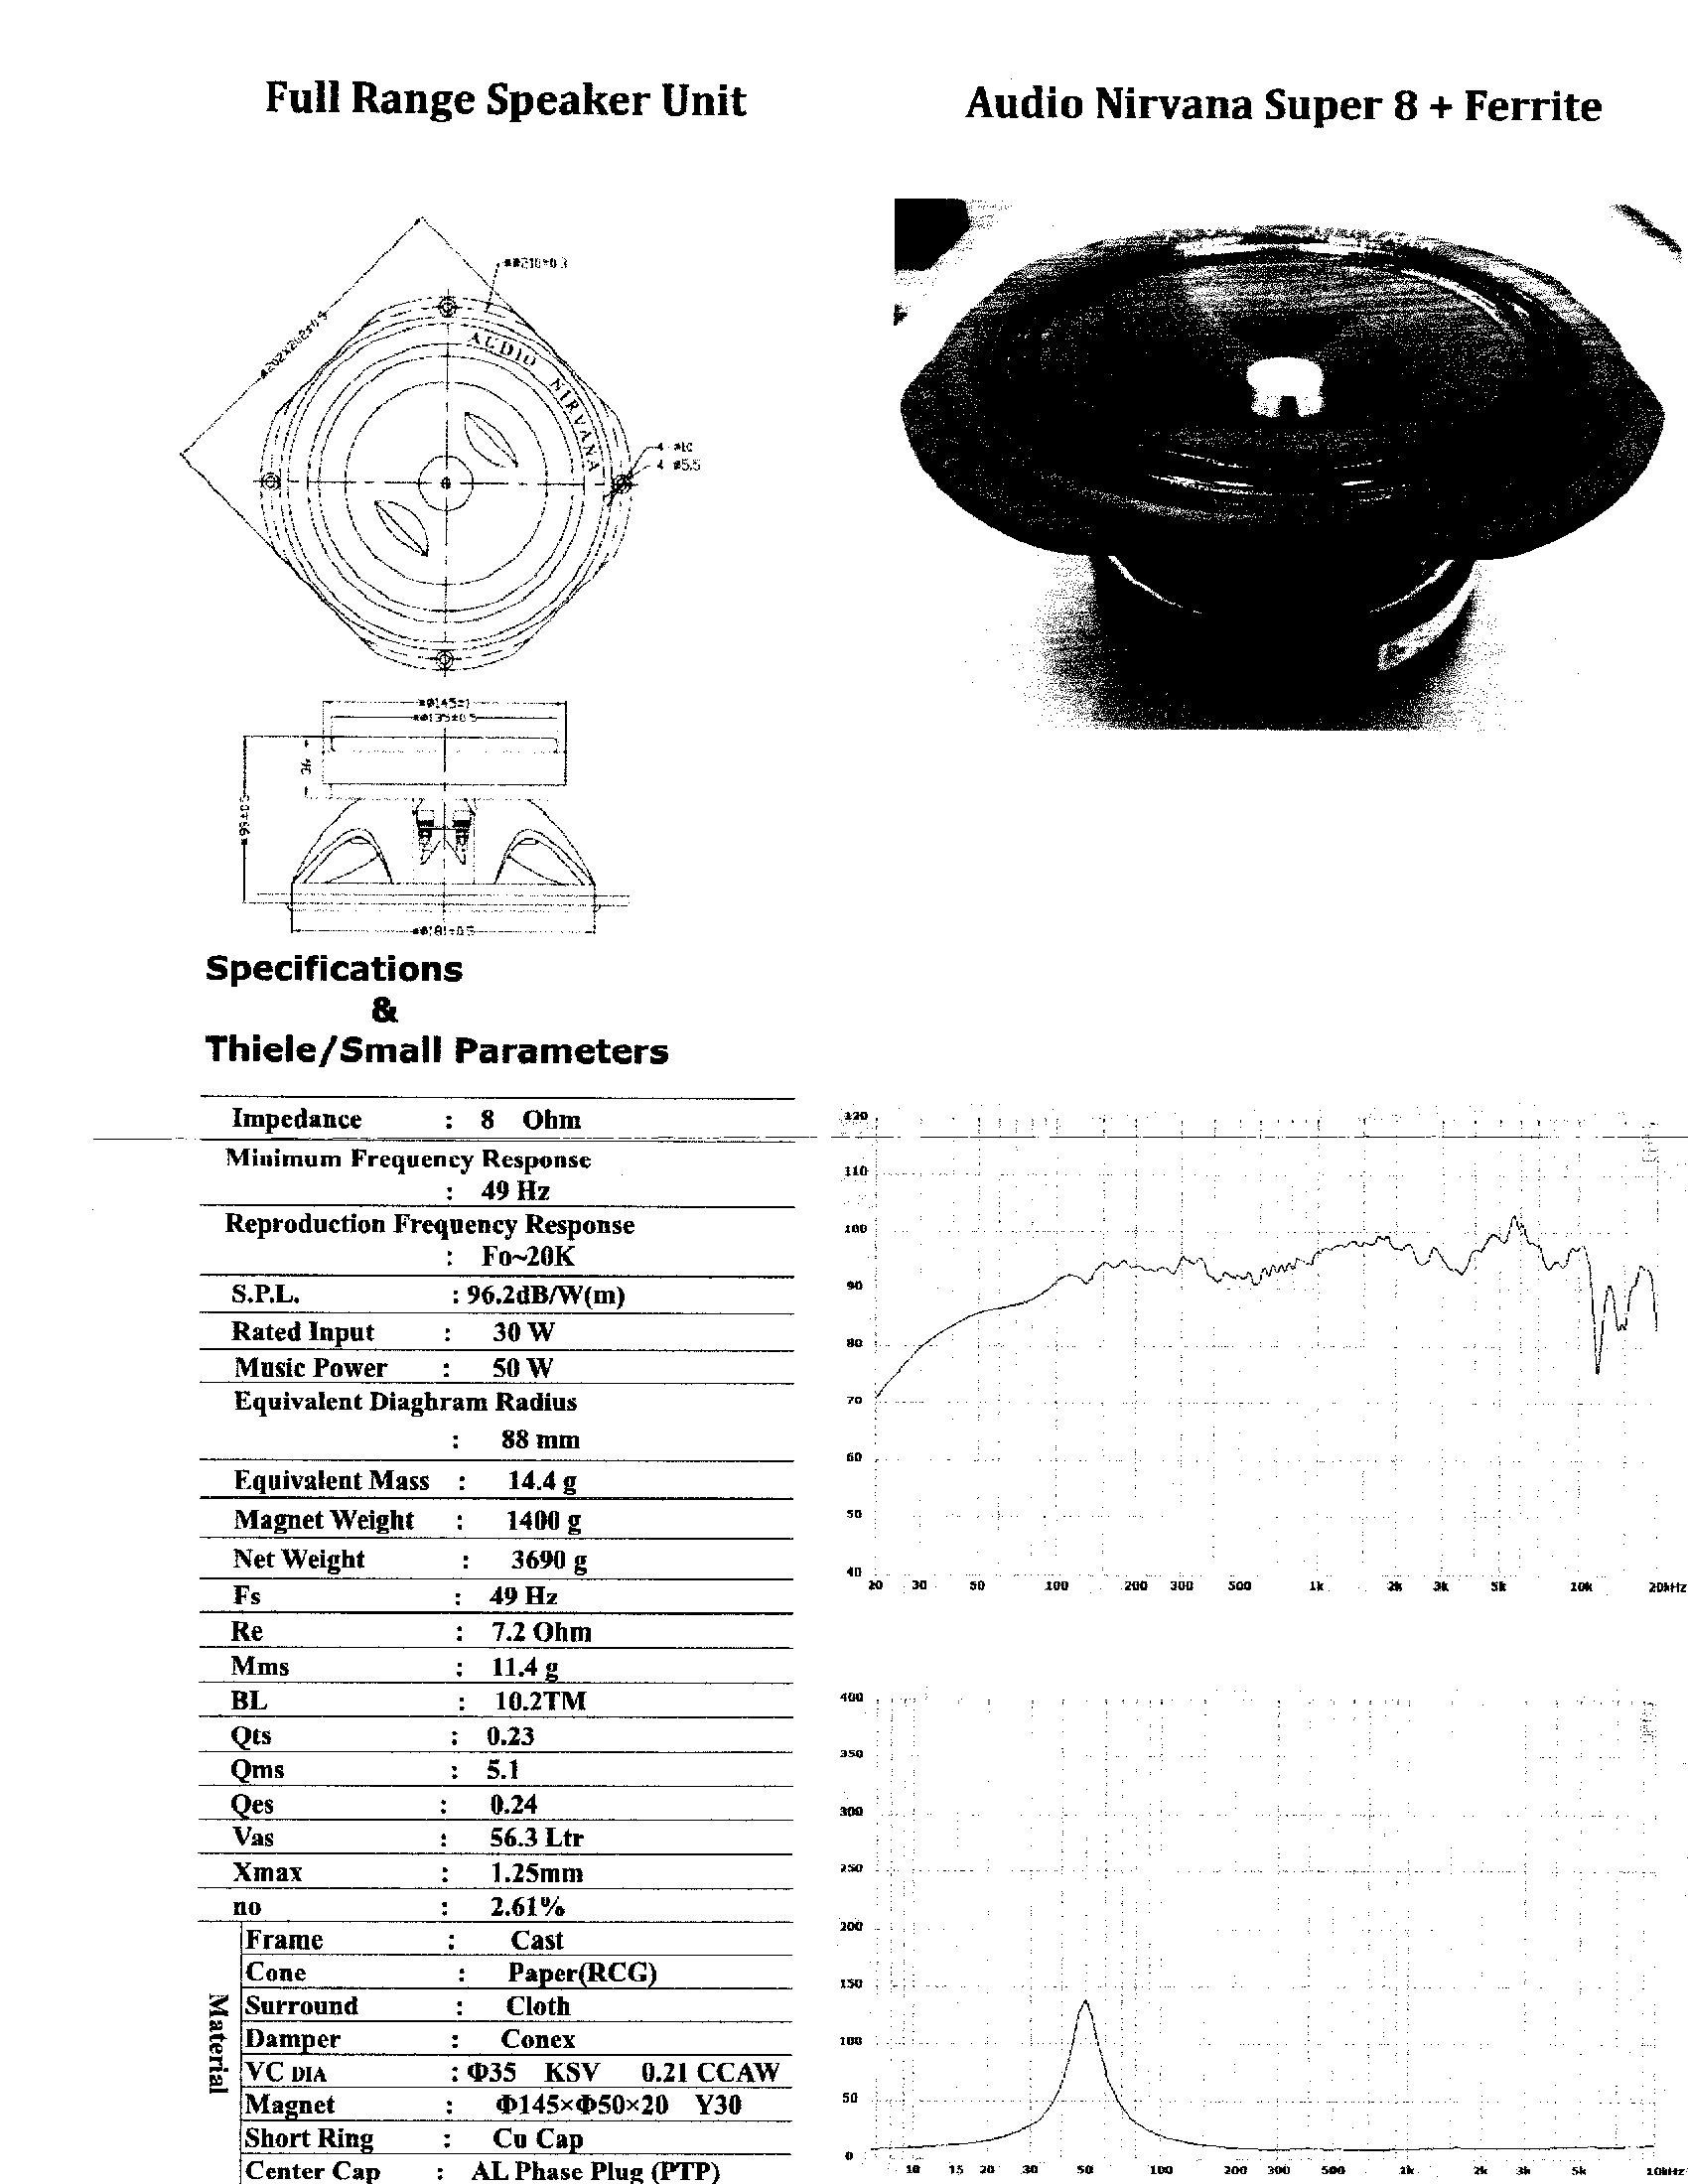 Audio Nirvana Full Range Speakers Diy Speaker Kits And Vacuum Tube Amplifiers 3 Inch To 15